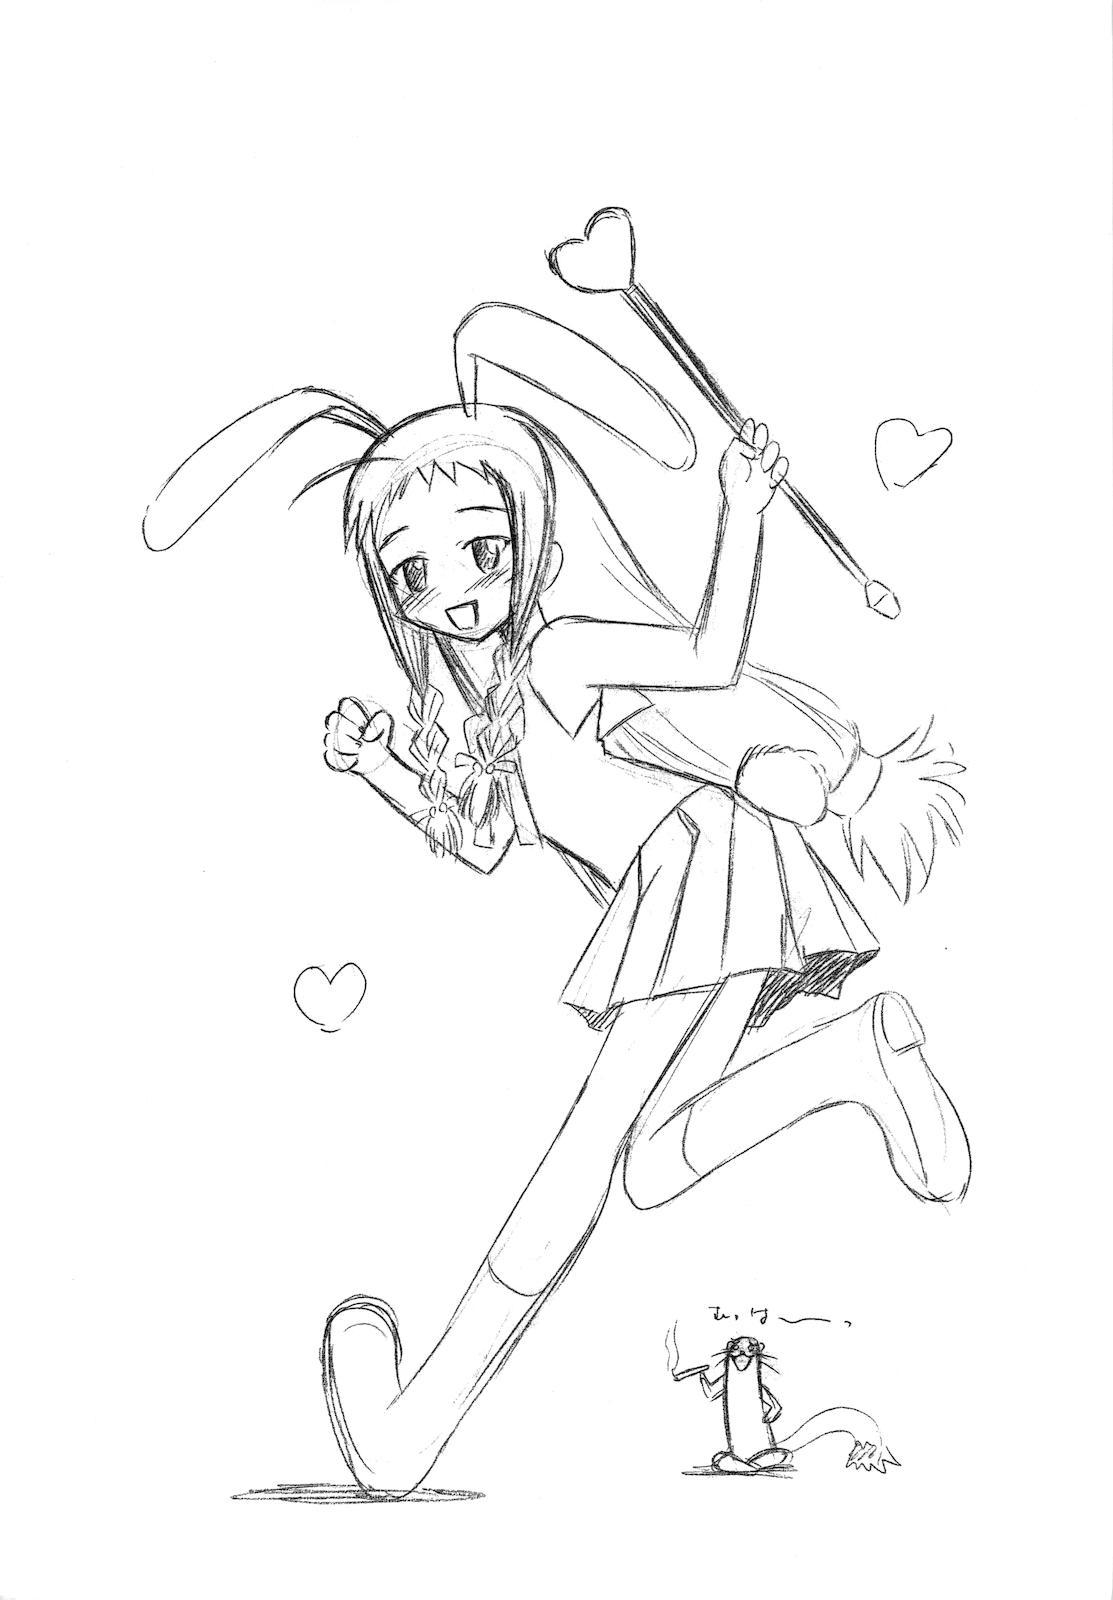 Yue no Koisuru Heart 3